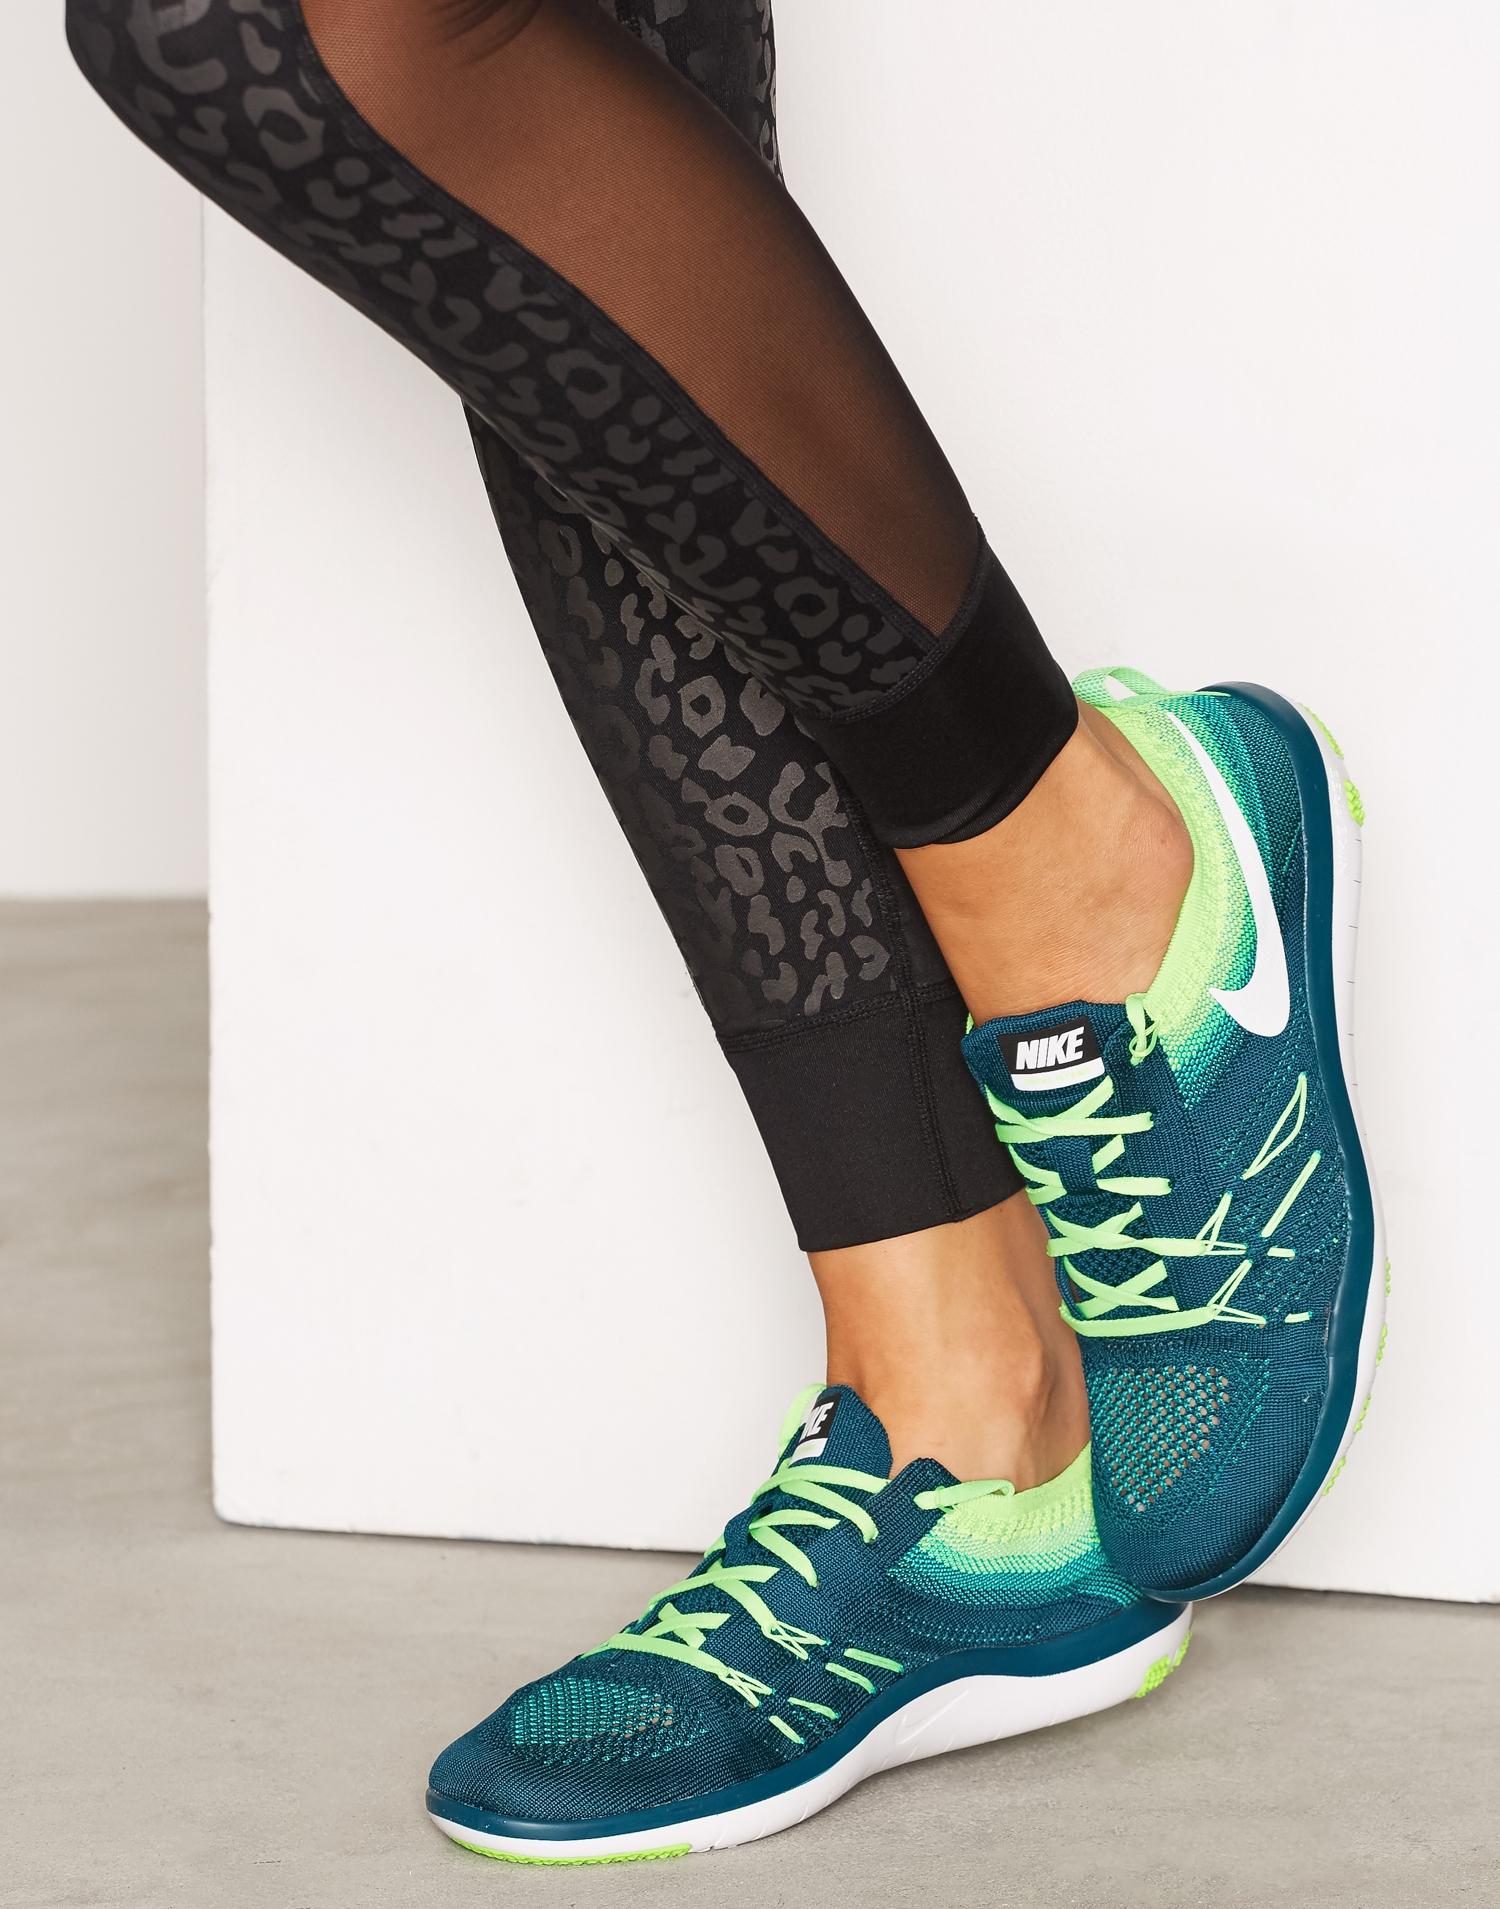 Färgglada Nike Free Focus Flyknit springsskor, löparskor, träningsskor